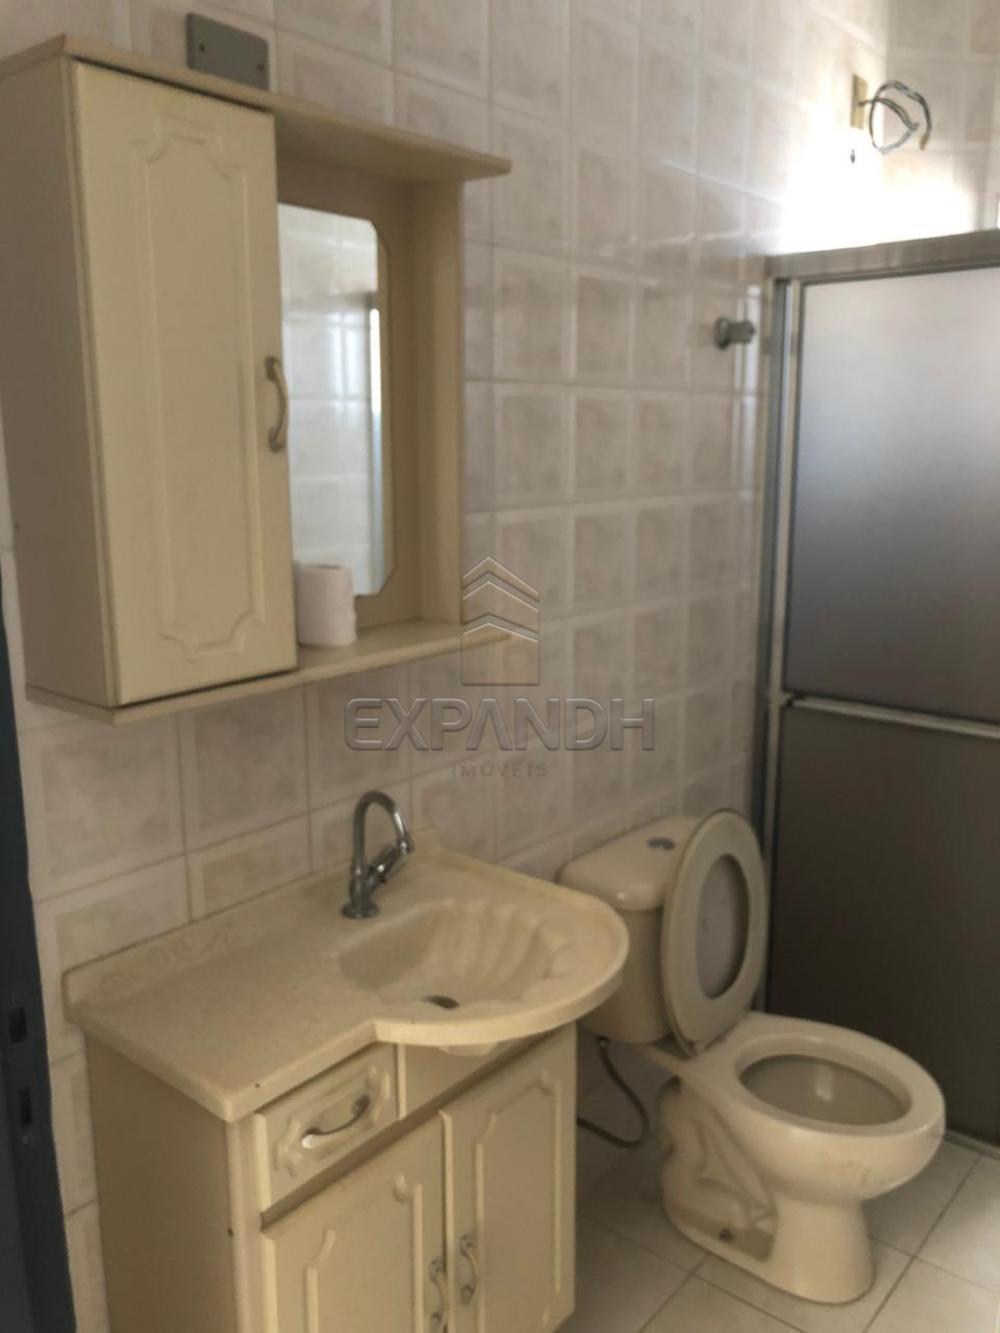 Alugar Apartamentos / Padrão em Sertãozinho apenas R$ 900,00 - Foto 10